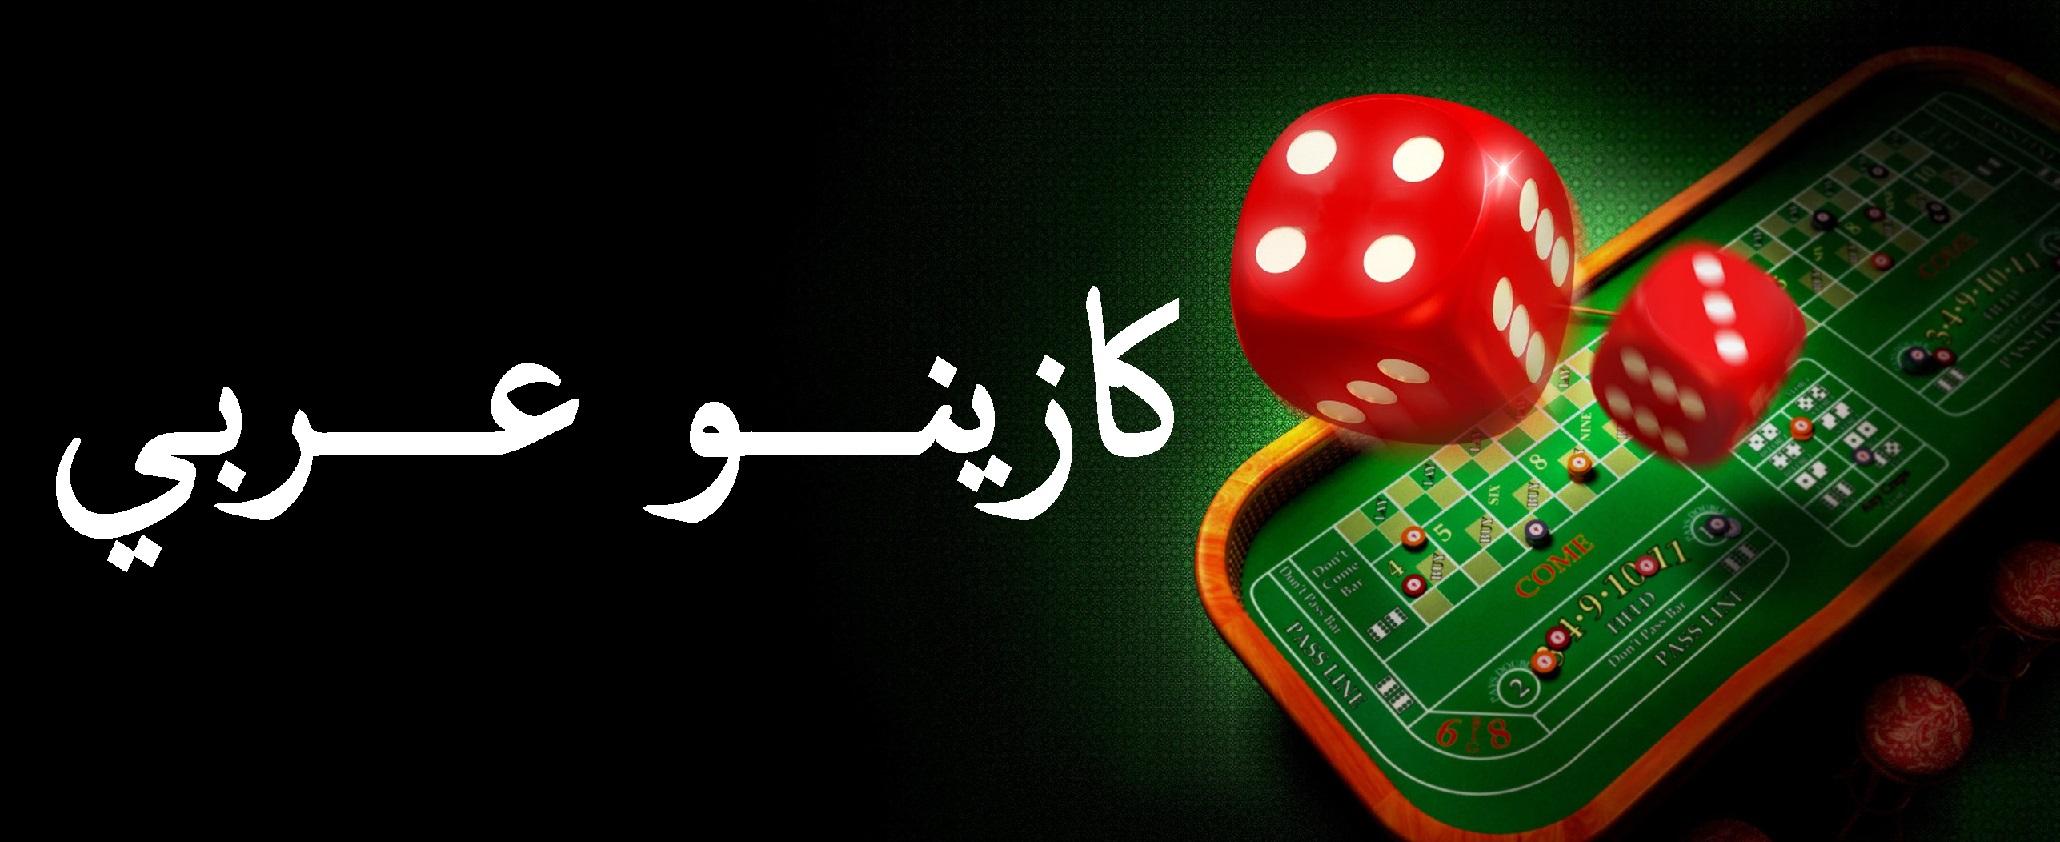 مراهنات يانصيب بيت - 92720